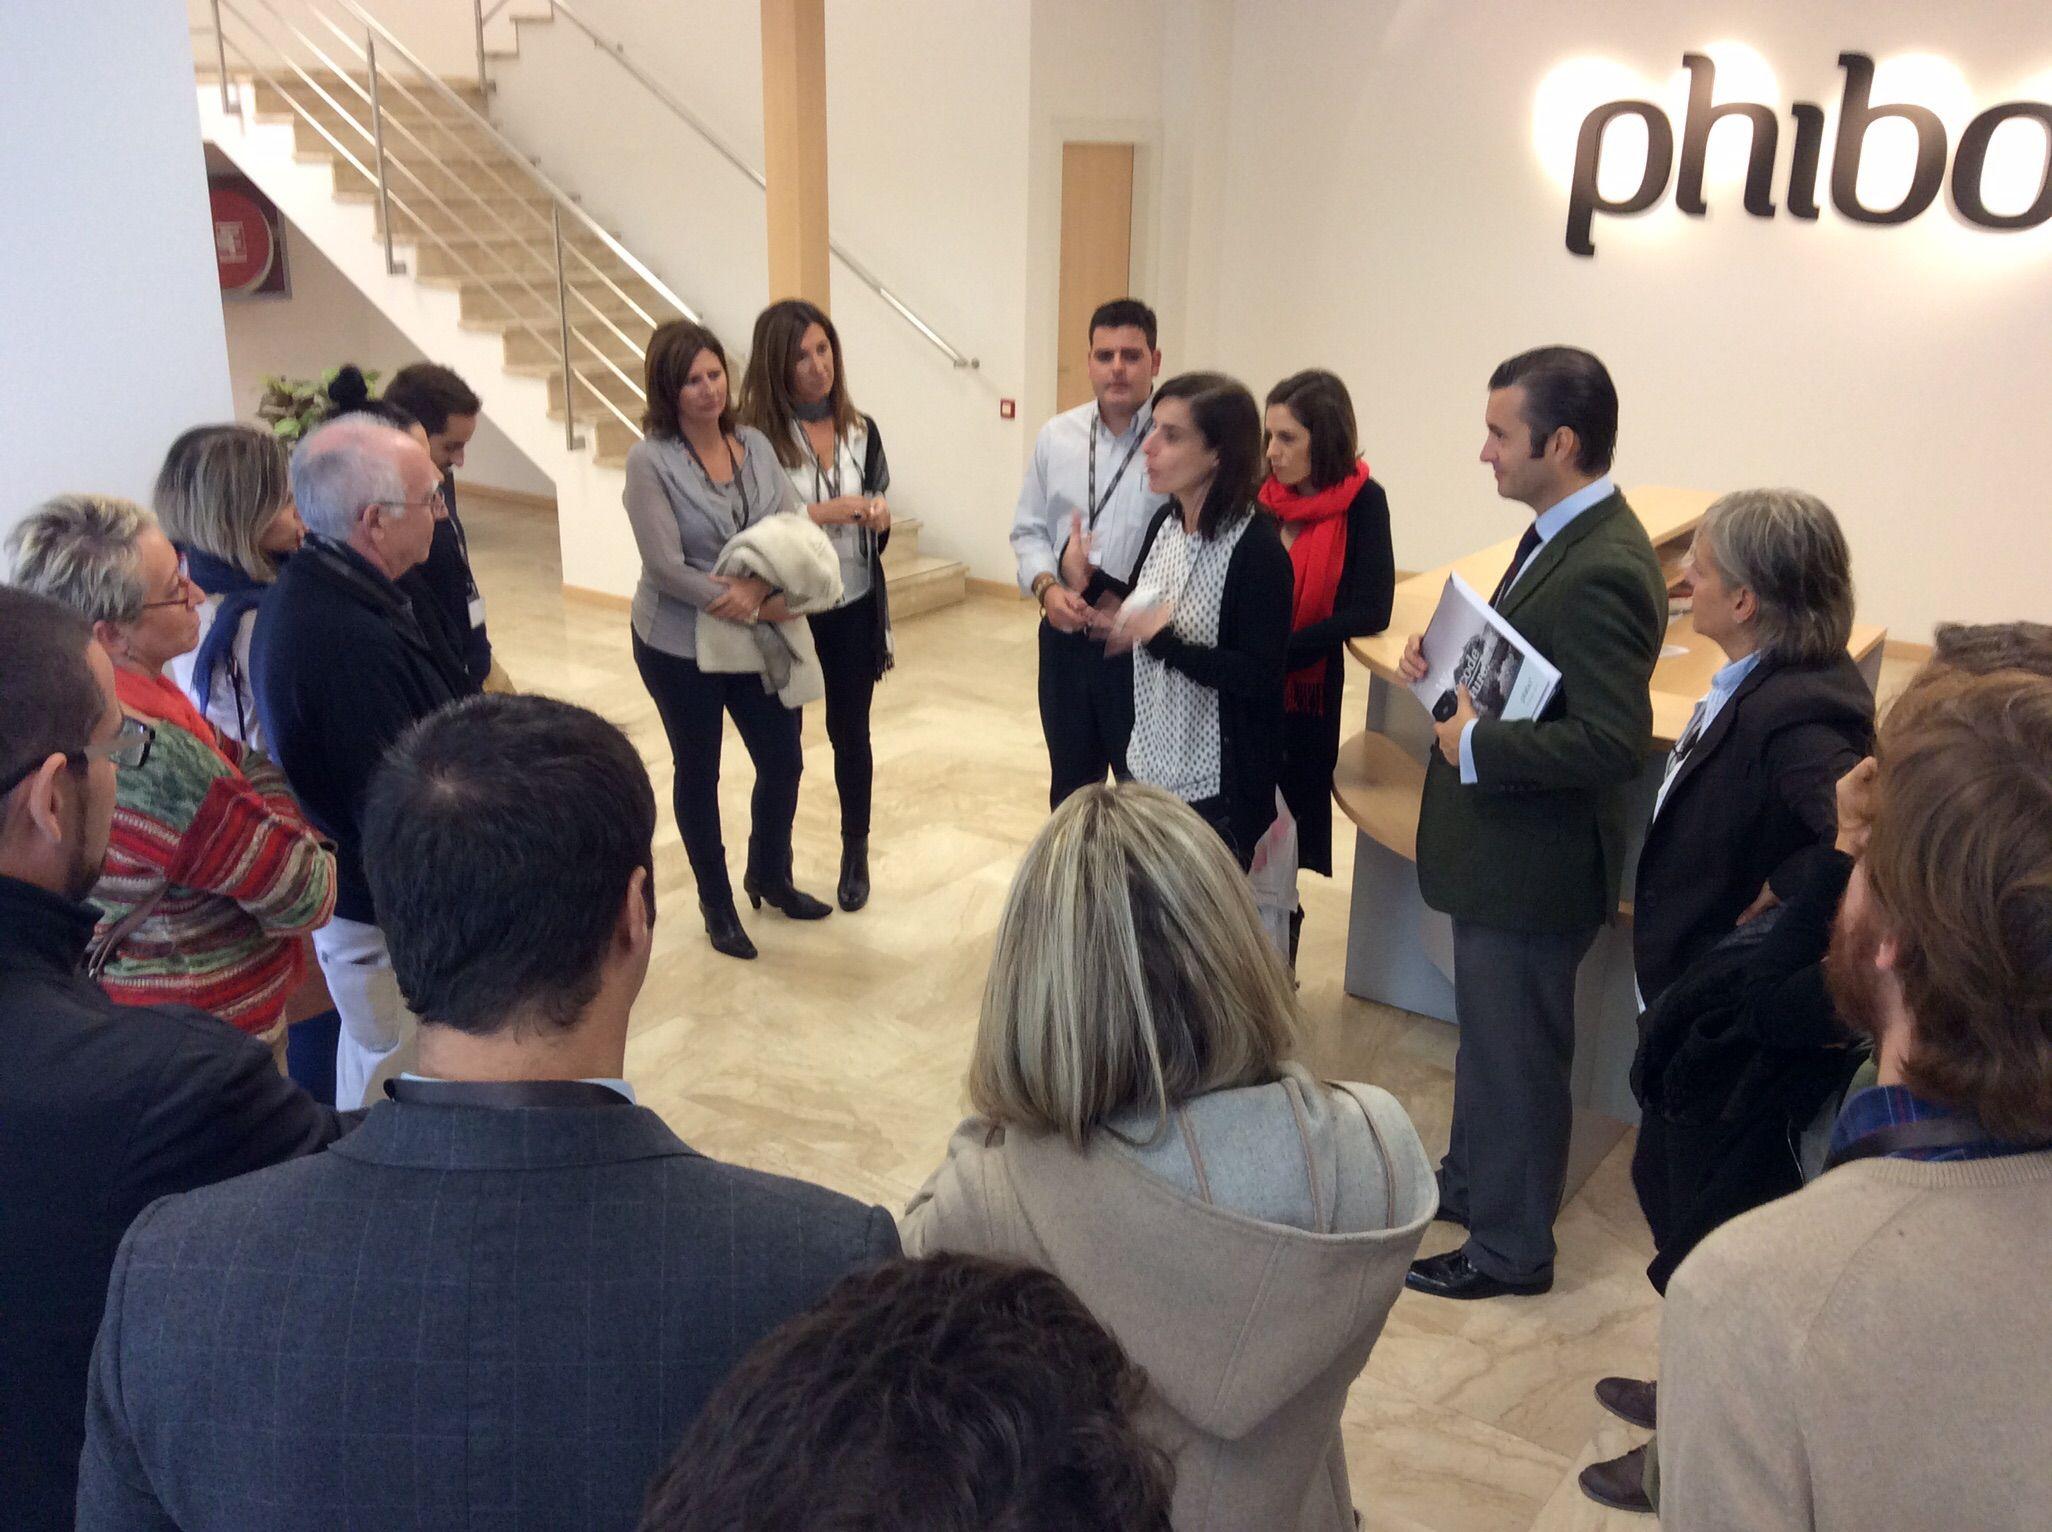 En la entrada de la fábrica de implantes Phybo antes de visitar las instalaciones.